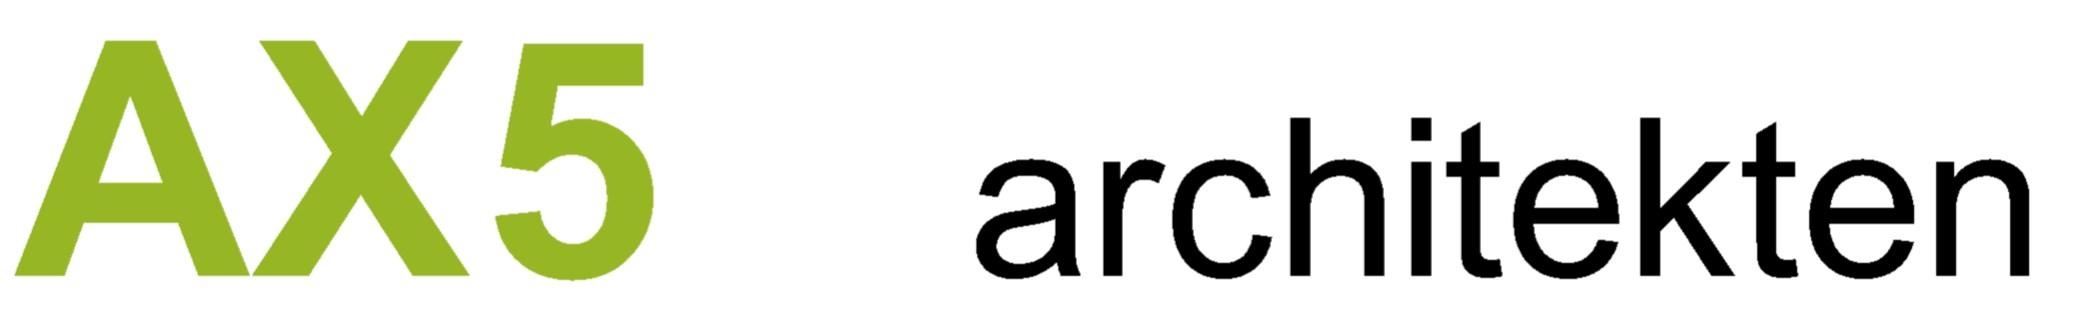 AX5architekten_web3